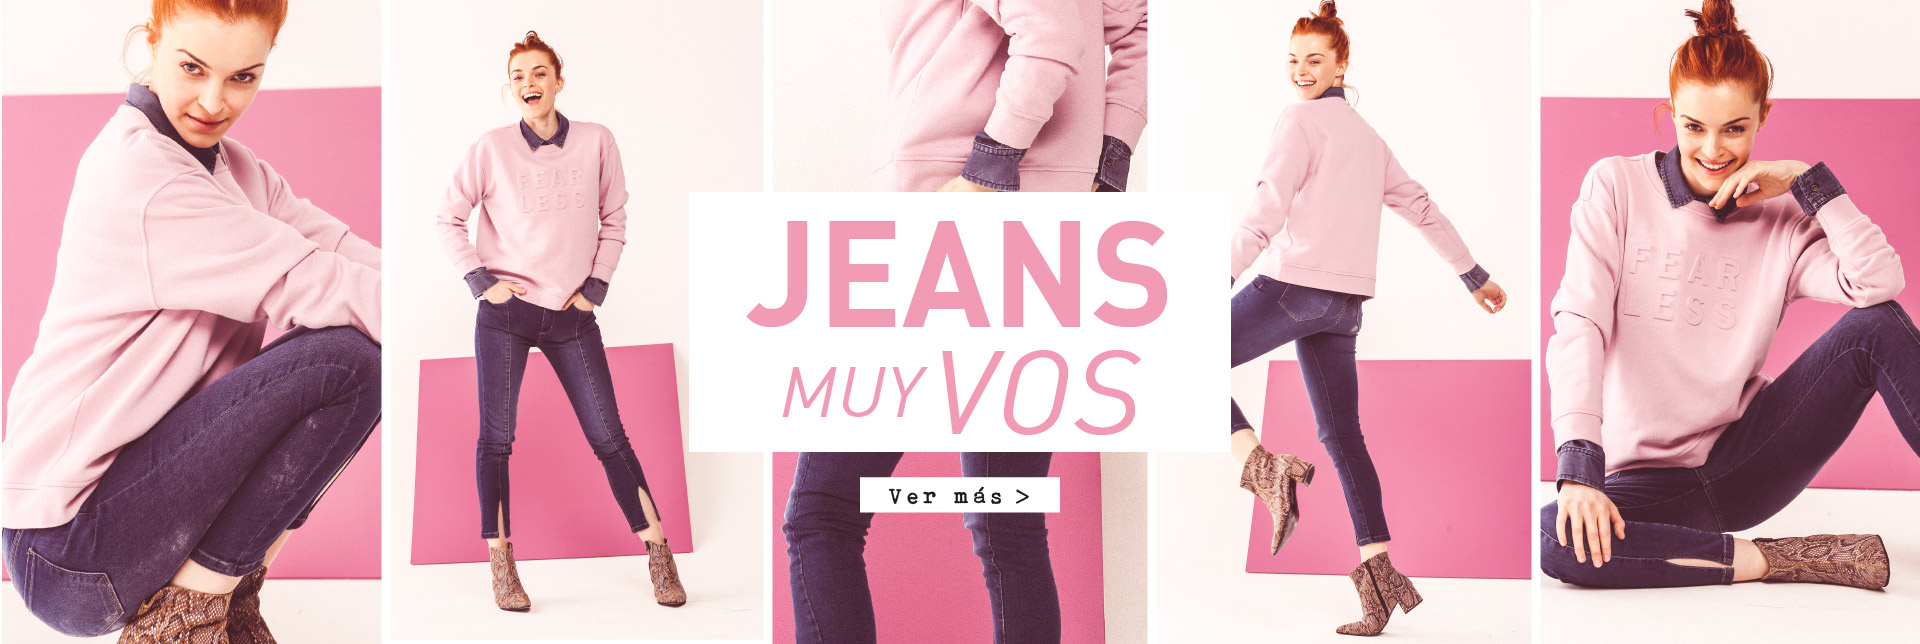 dd9ede77e8 Vestidos jeans Buscar con Google VESTIDOS JEANS en 2019